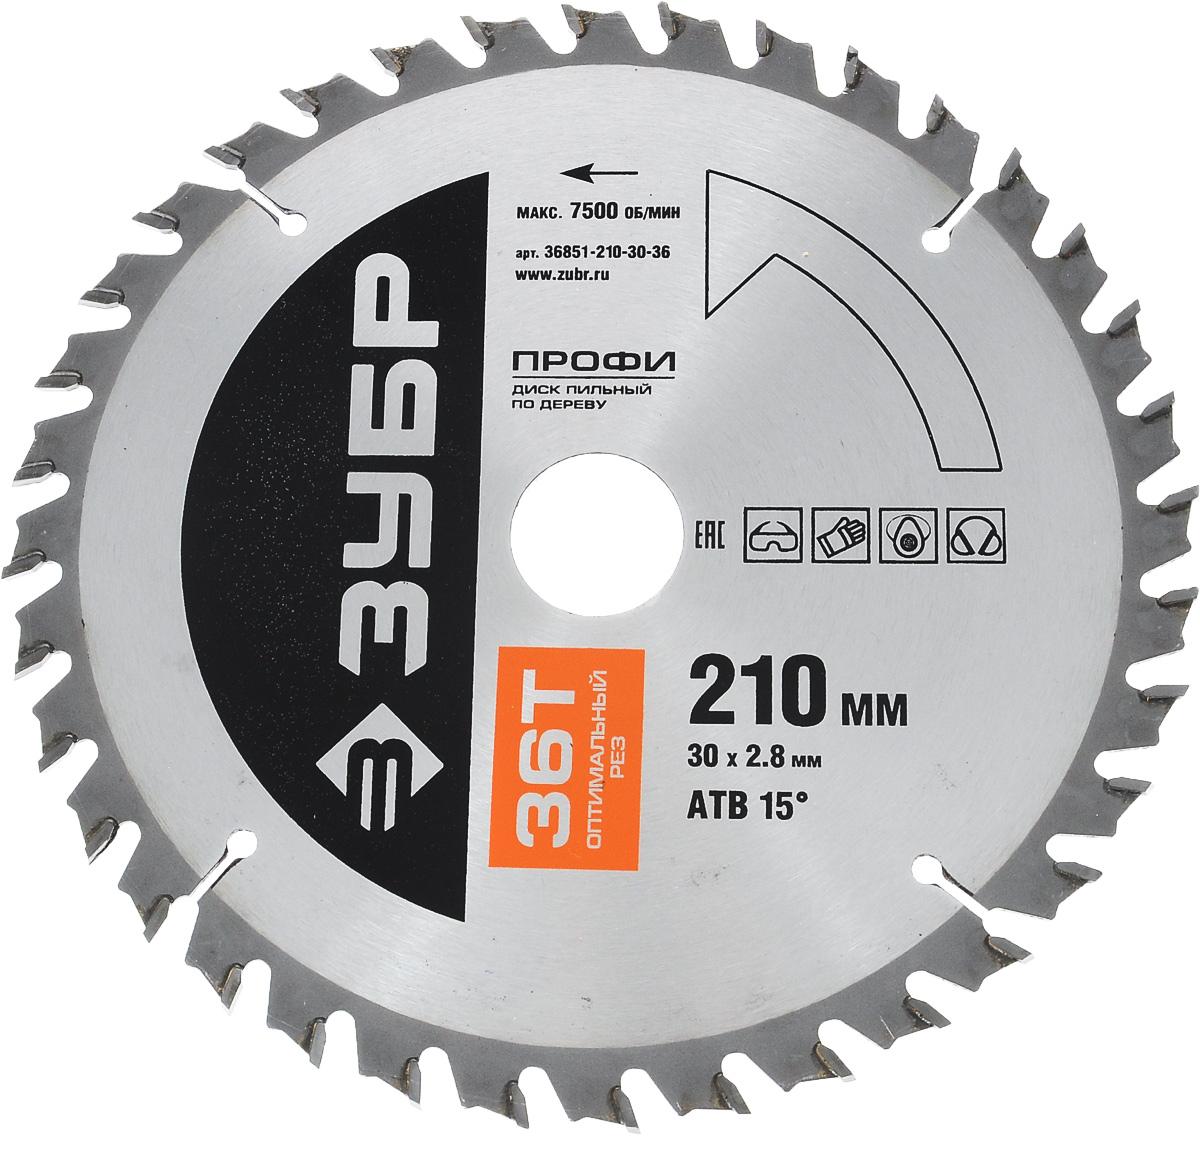 Диск пильный ЗУБР Оптимальный рез, по дереву, 36Т, 30 х 2,8 мм, диаметр 210 мм36851-210-30-36Диск пильный ЗУБР Оптимальный рез - это универсальный пильный диск, имеющий лучшее сочетание точности и скорости реза, чистоты пропила и долговечности. Предназначен для продольного, поперечного и углового распила. Подходит для всех типов древесины: делает чистые пропилы в твердой и мягкой древесине, фанере, неламинированных ДСП, ДВП и МДФ, а также строительном брусе. Тип зуба - АТВ: зубья с разносторонним углом наклона главной задней поверхности. Переменный зуб. Особенности диска: - Высокая степень очистки твердого сплава от примесей повышает износостойкость режущих элементов и увеличивает рабочий ресурс. - Автоматизированная надежная пайка. - Автоматическая трехсторонняя шлифовка зуба. - Компьютерная балансировка диска. - Компенсационные прорези исключают внутреннее напряжение и деформацию диска, возникающую при его перегреве во время эксплуатации. Максимальная скорость вращения: 7500 об/мин. Количество зубьев: 36 шт. ...